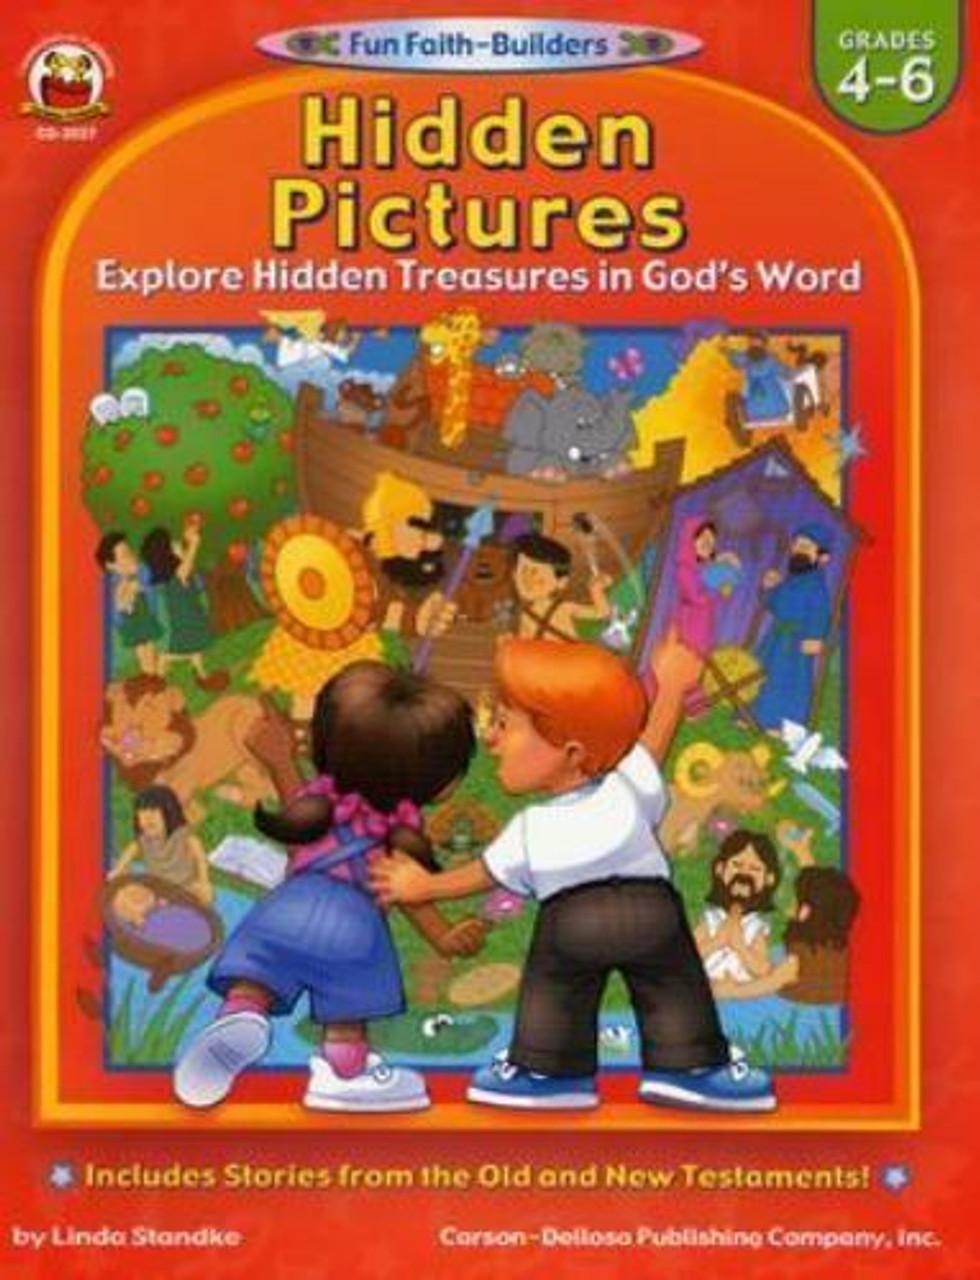 Hidden Pictures Grades 4-6